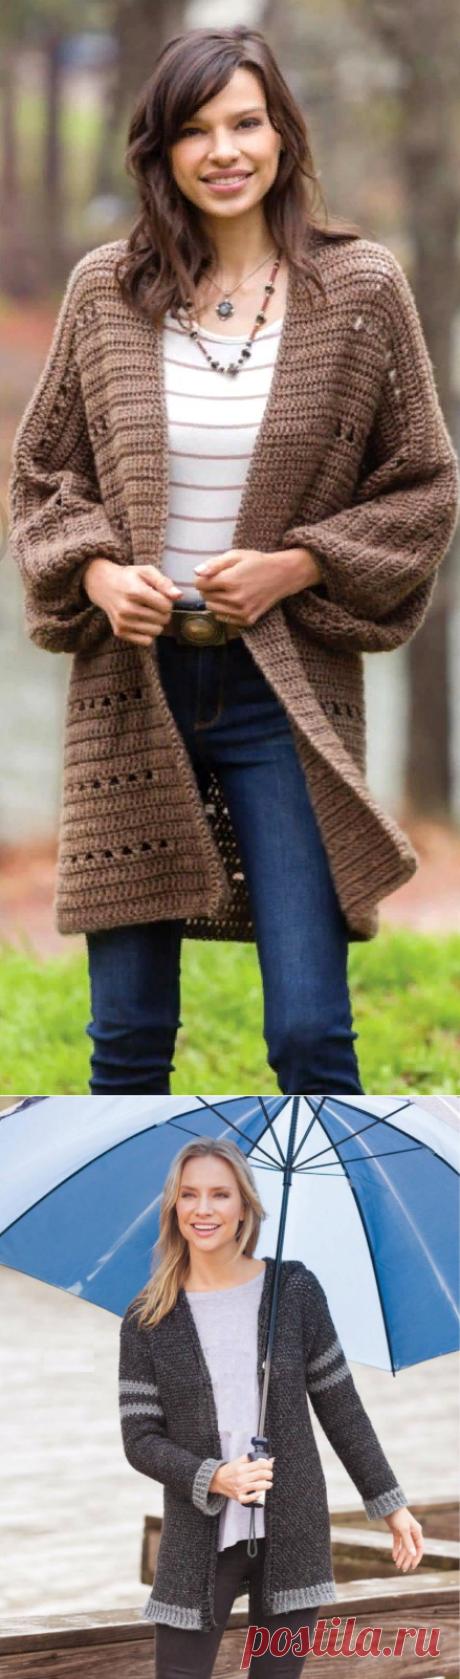 Пуловеры и кардиганы связанные крючком с описанием   Красивое и интересное вязание   Яндекс Дзен